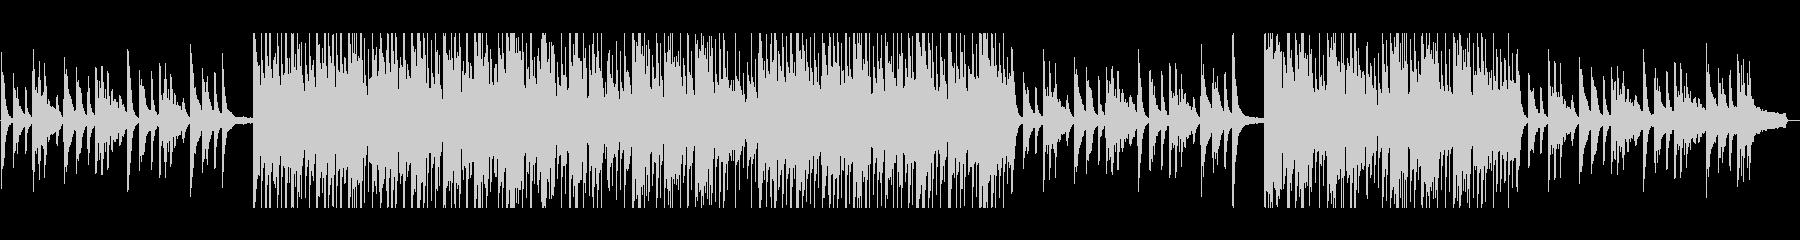 切ないメロディーが印象的なポップの未再生の波形